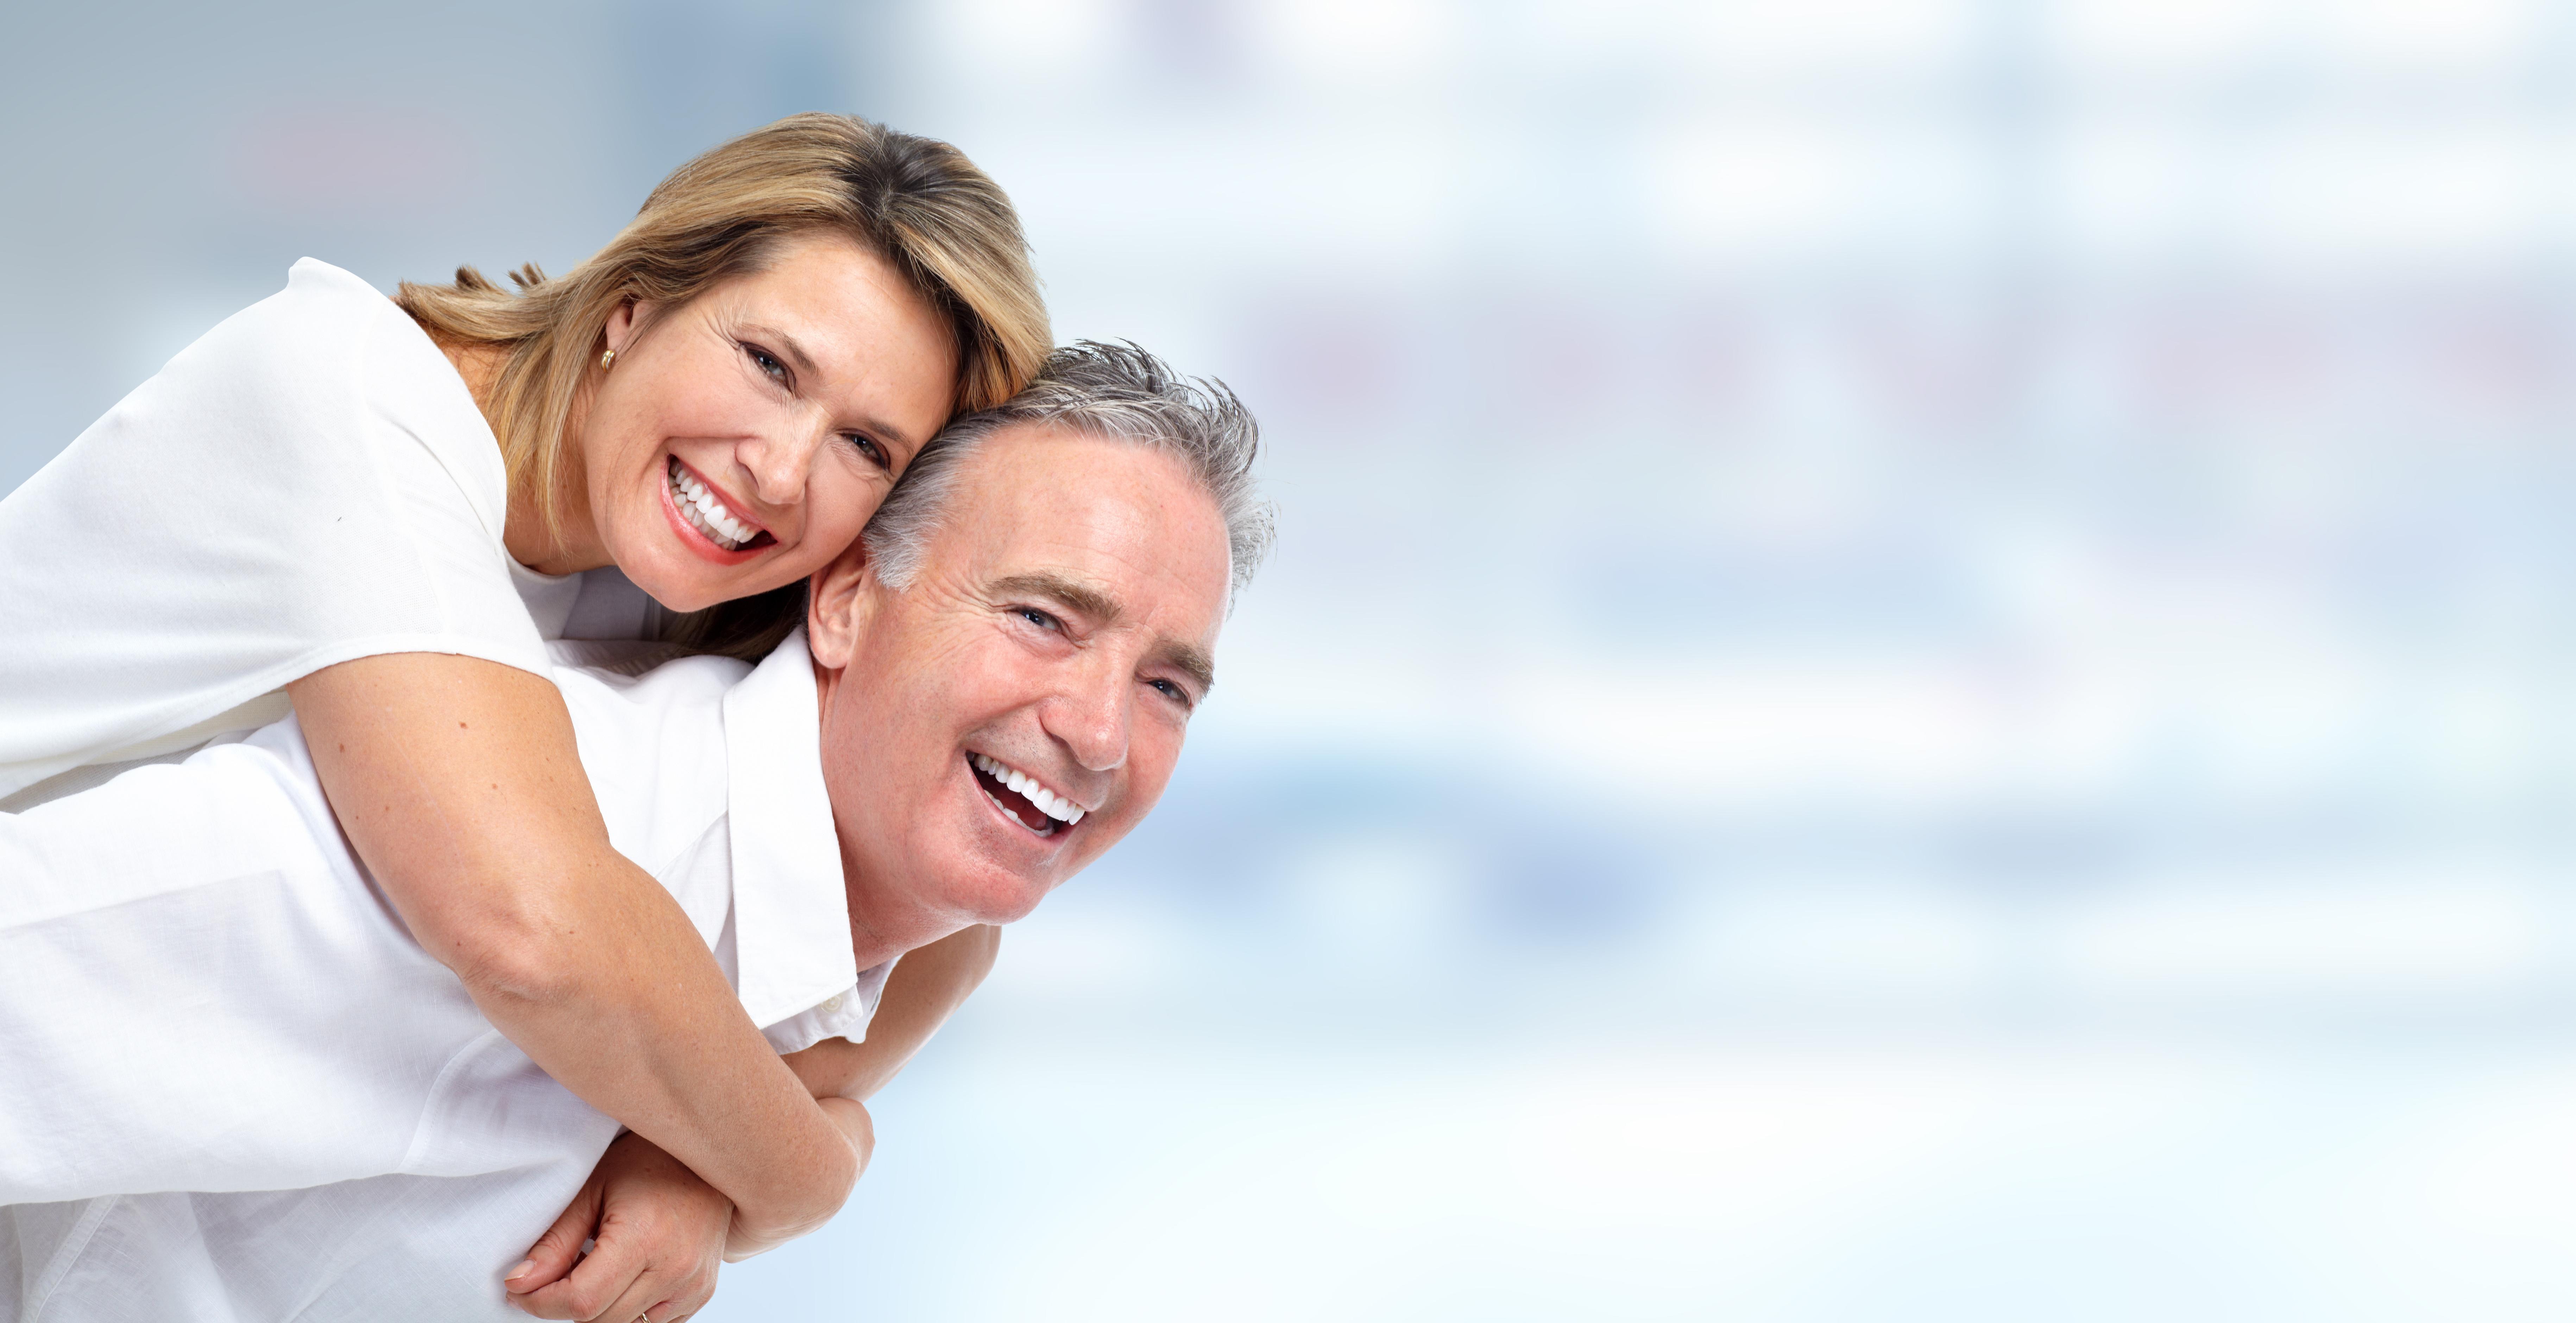 Happy senior couple portrait. - Winslow Dental